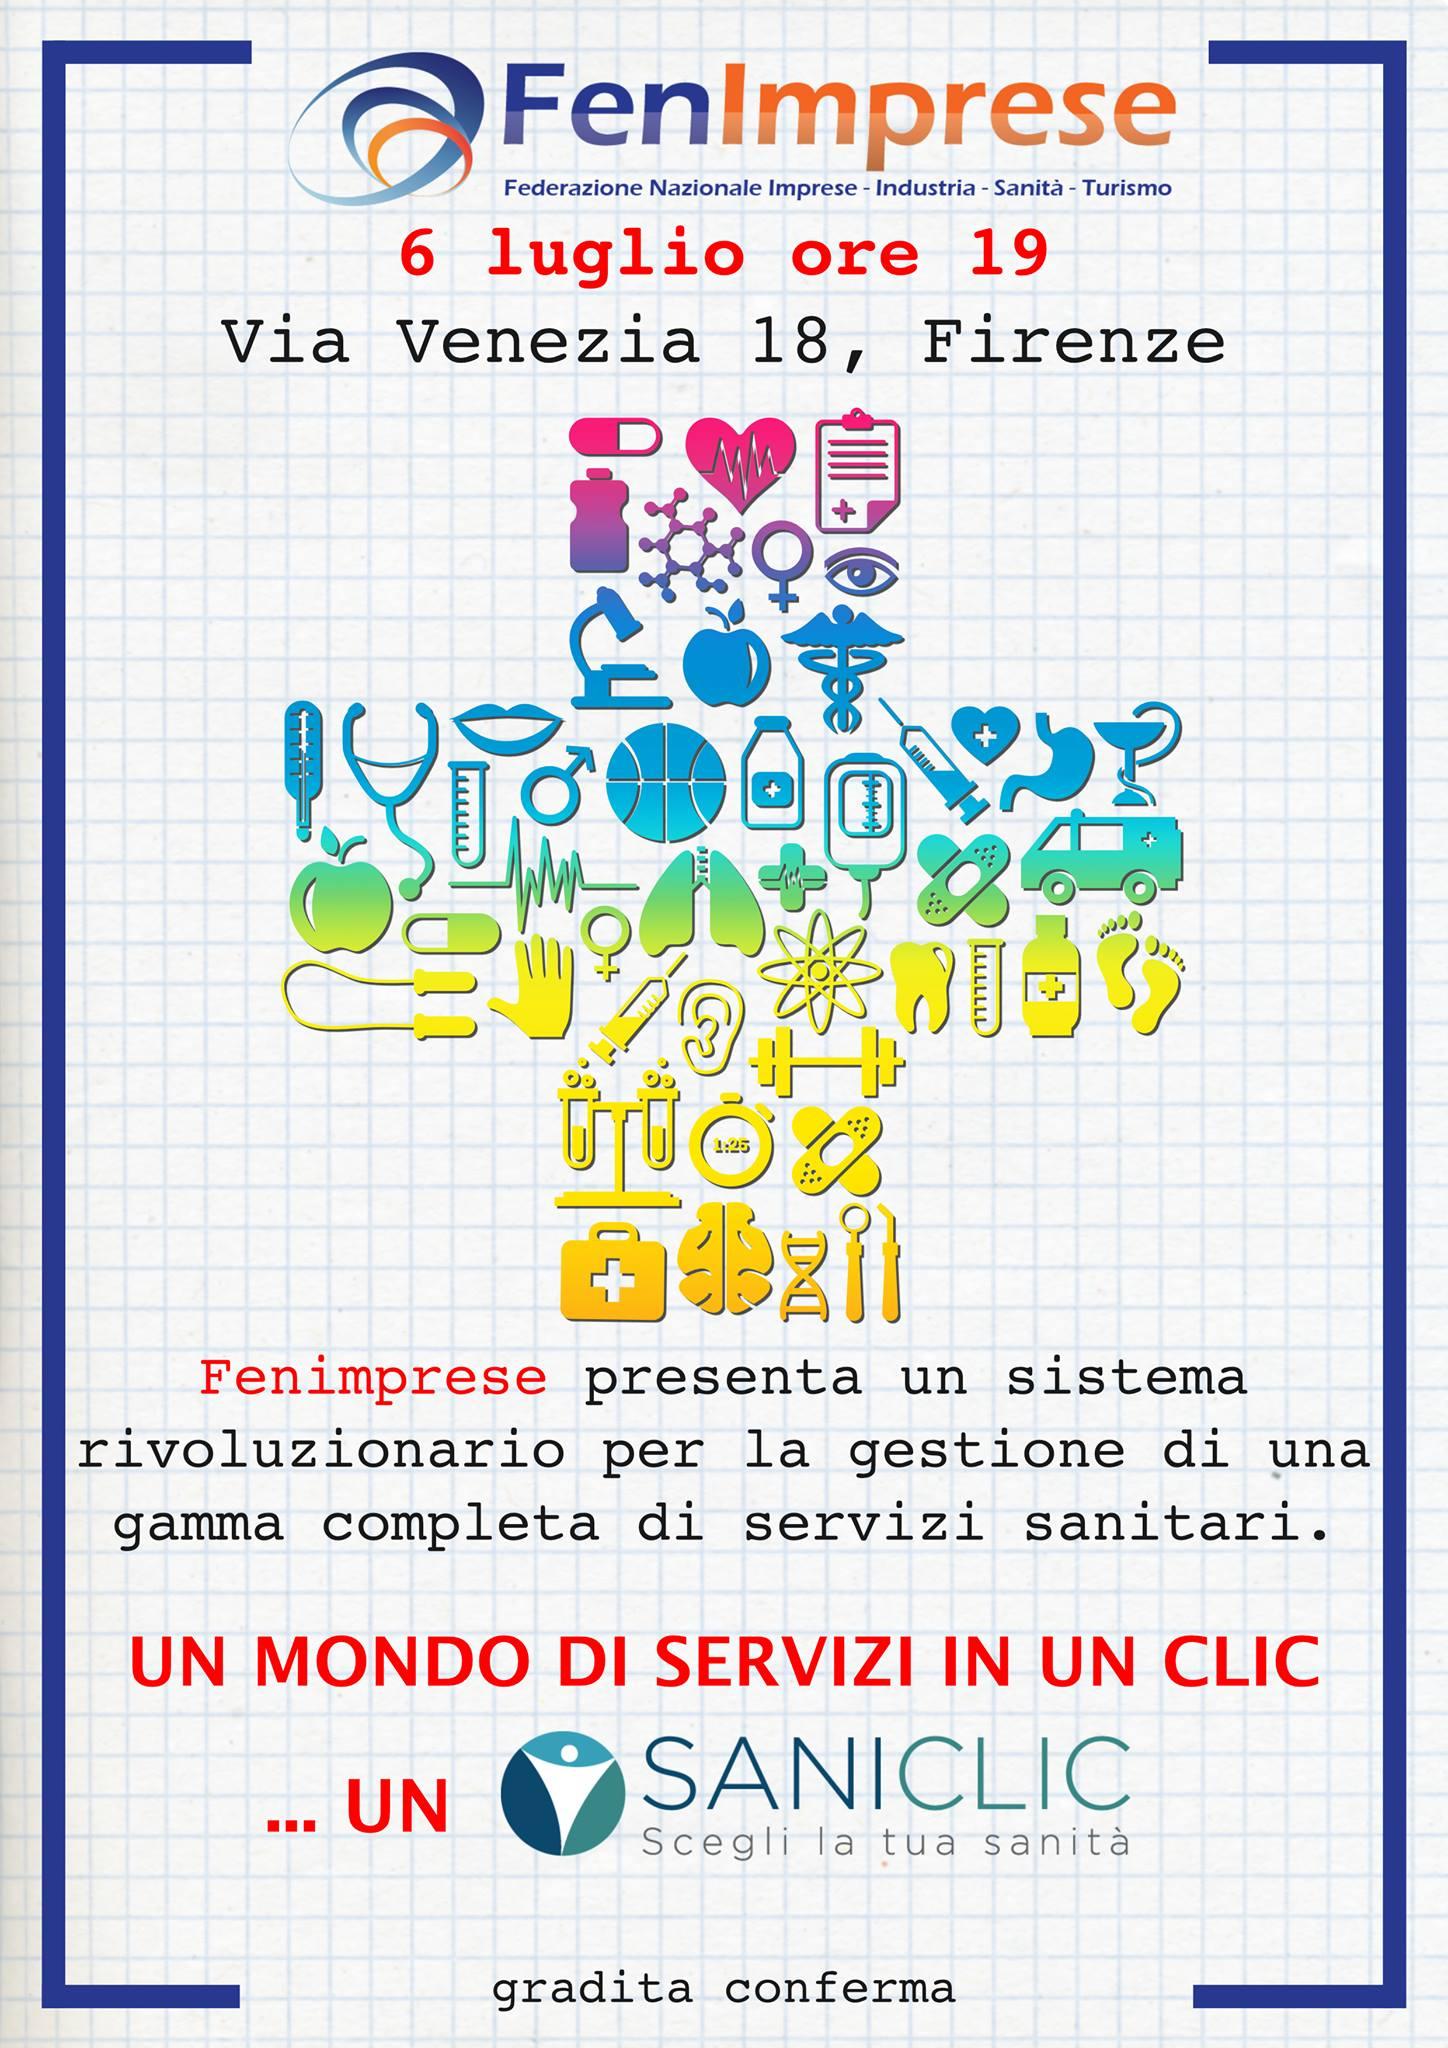 IMPORTANTE ACCORDO DI FENIMPRESE FIRENZE CON  COSESA SRL DI VAR GROUP S.p.A